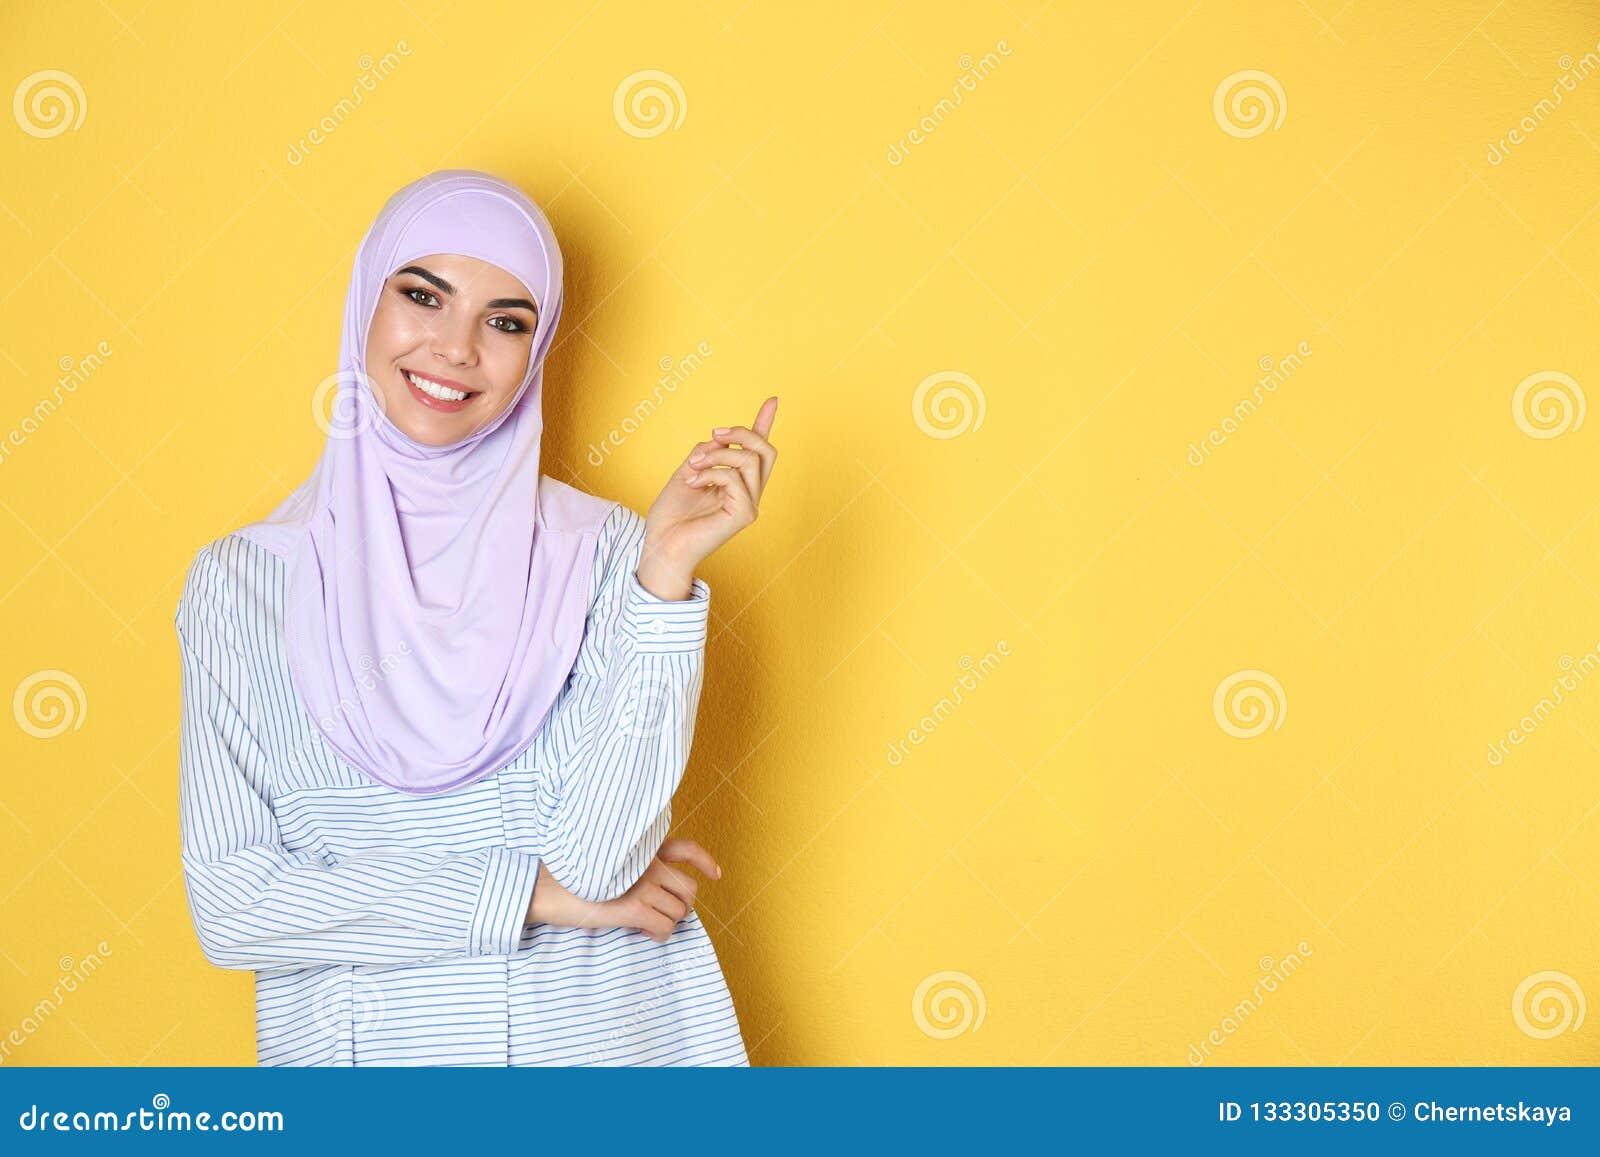 Porträt der jungen moslemischen Frau im hijab gegen Farbhintergrund